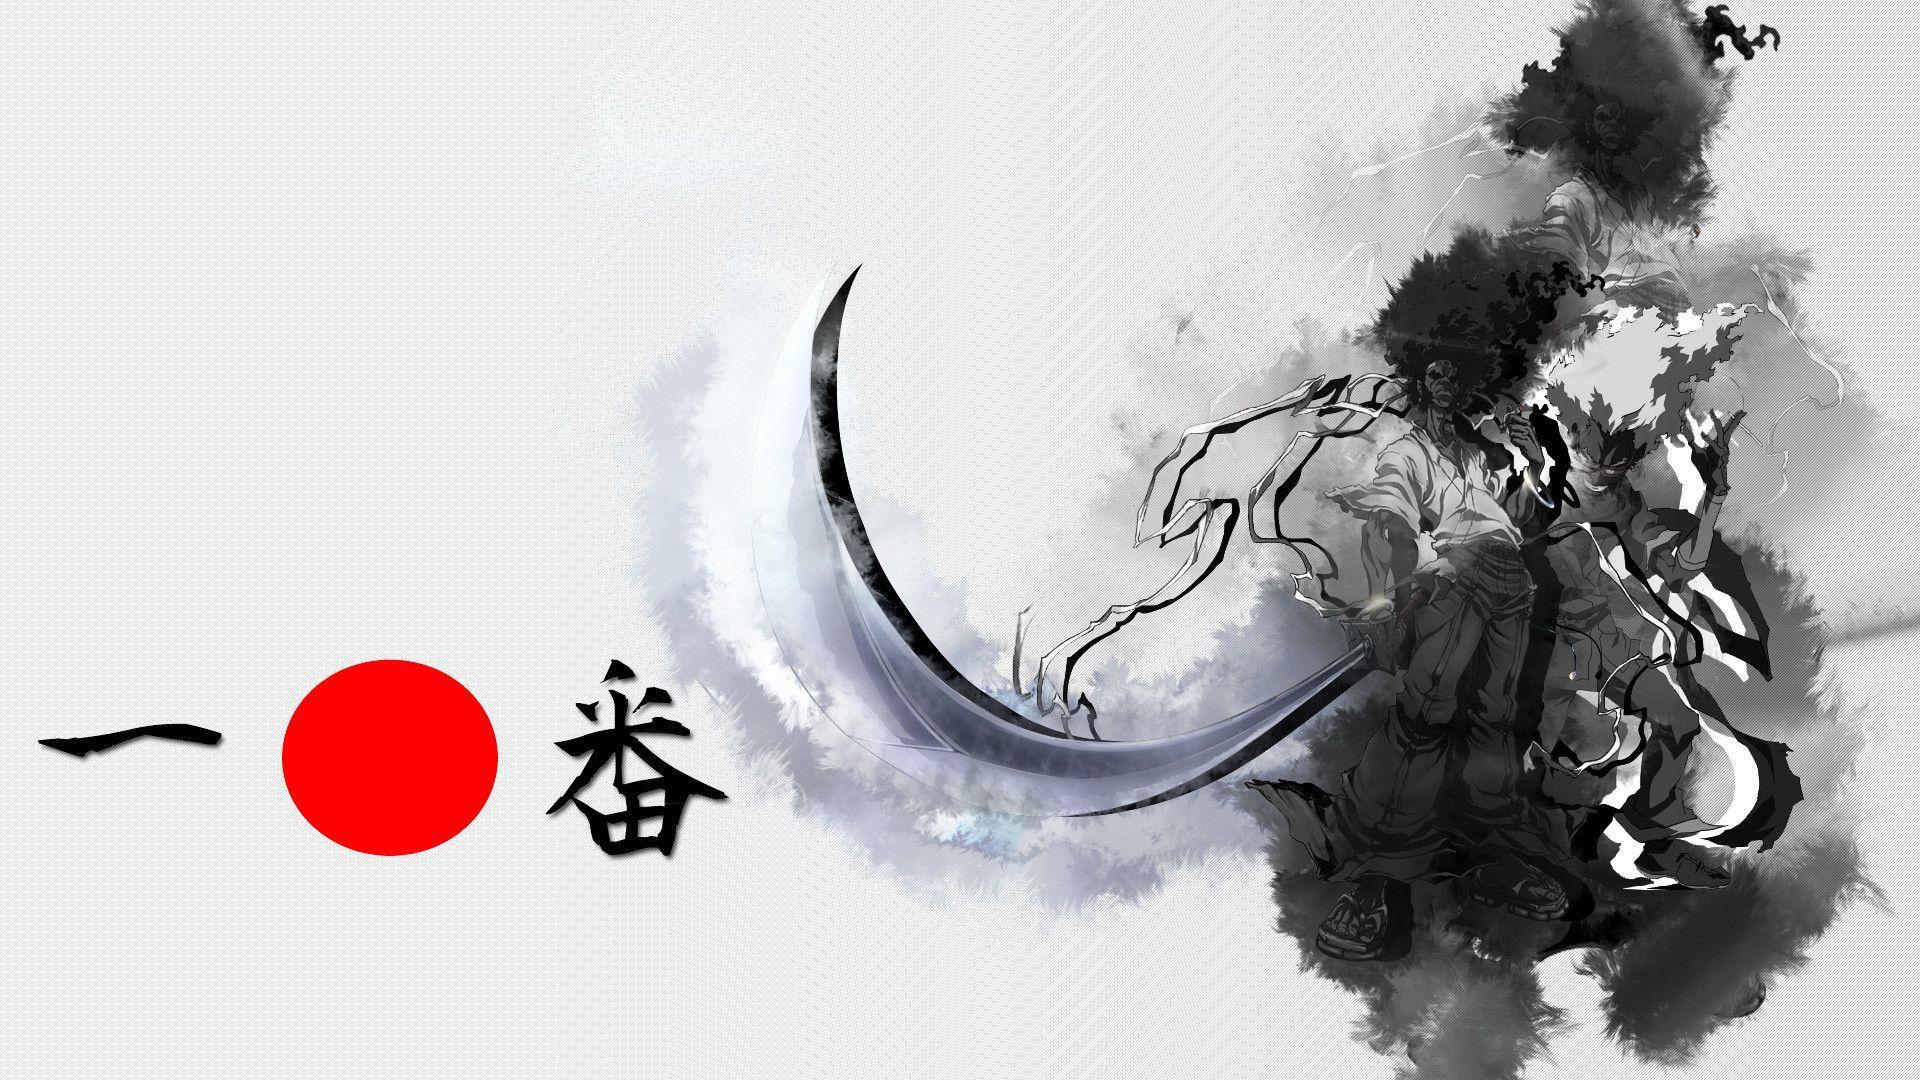 Samurai Hd Wallpapers Wallpaper Cave